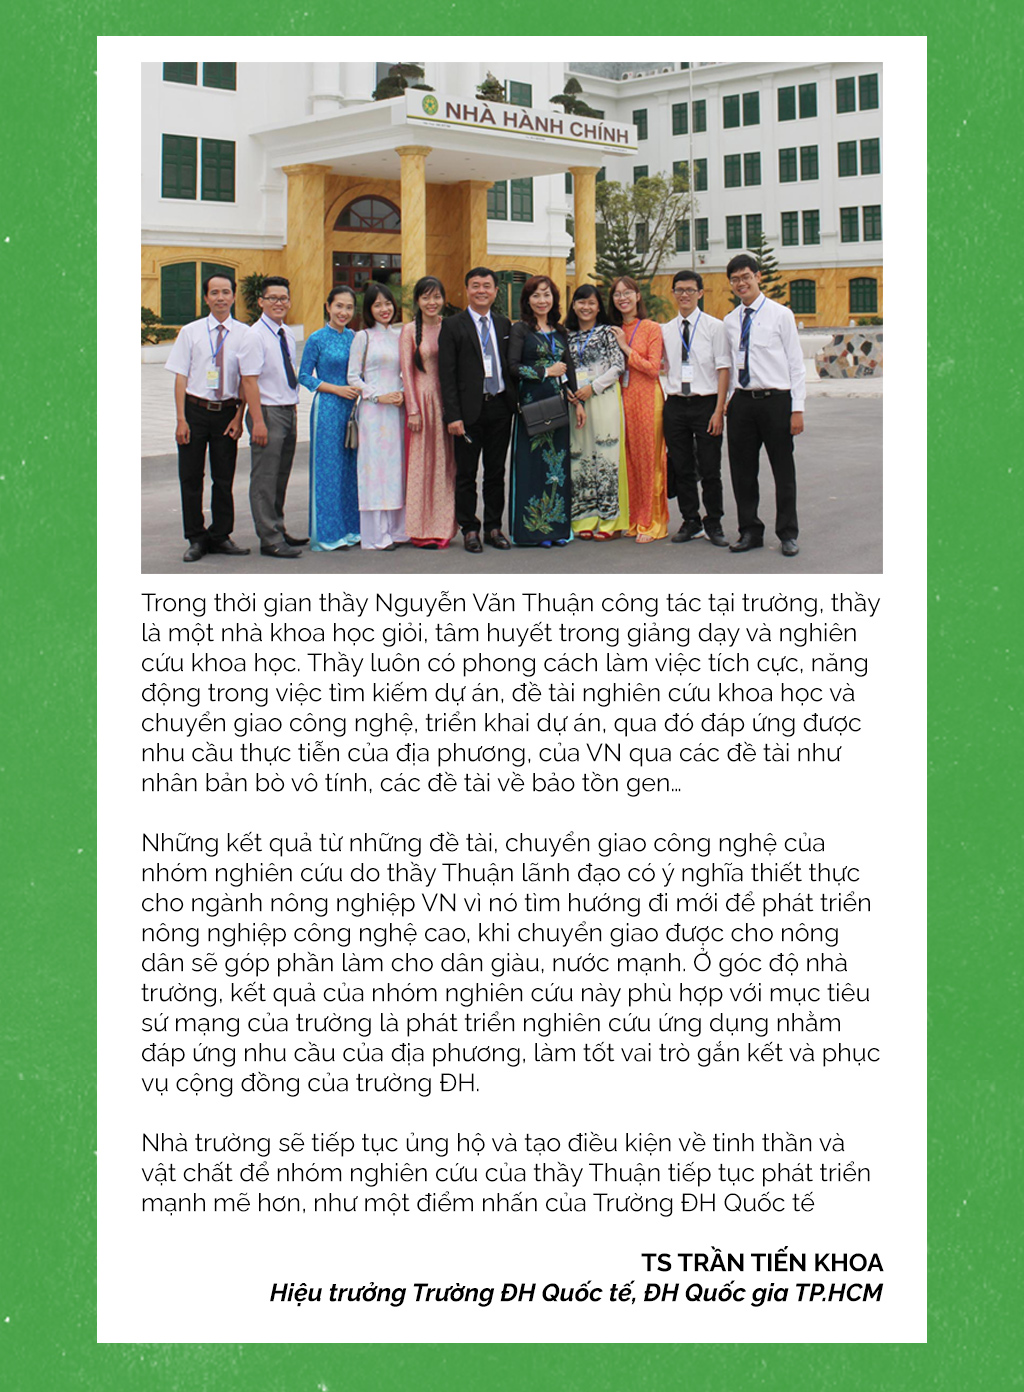 Hành trình 'phải về thôi' của Giáo sư Nguyễn Văn Thuận - ảnh 9